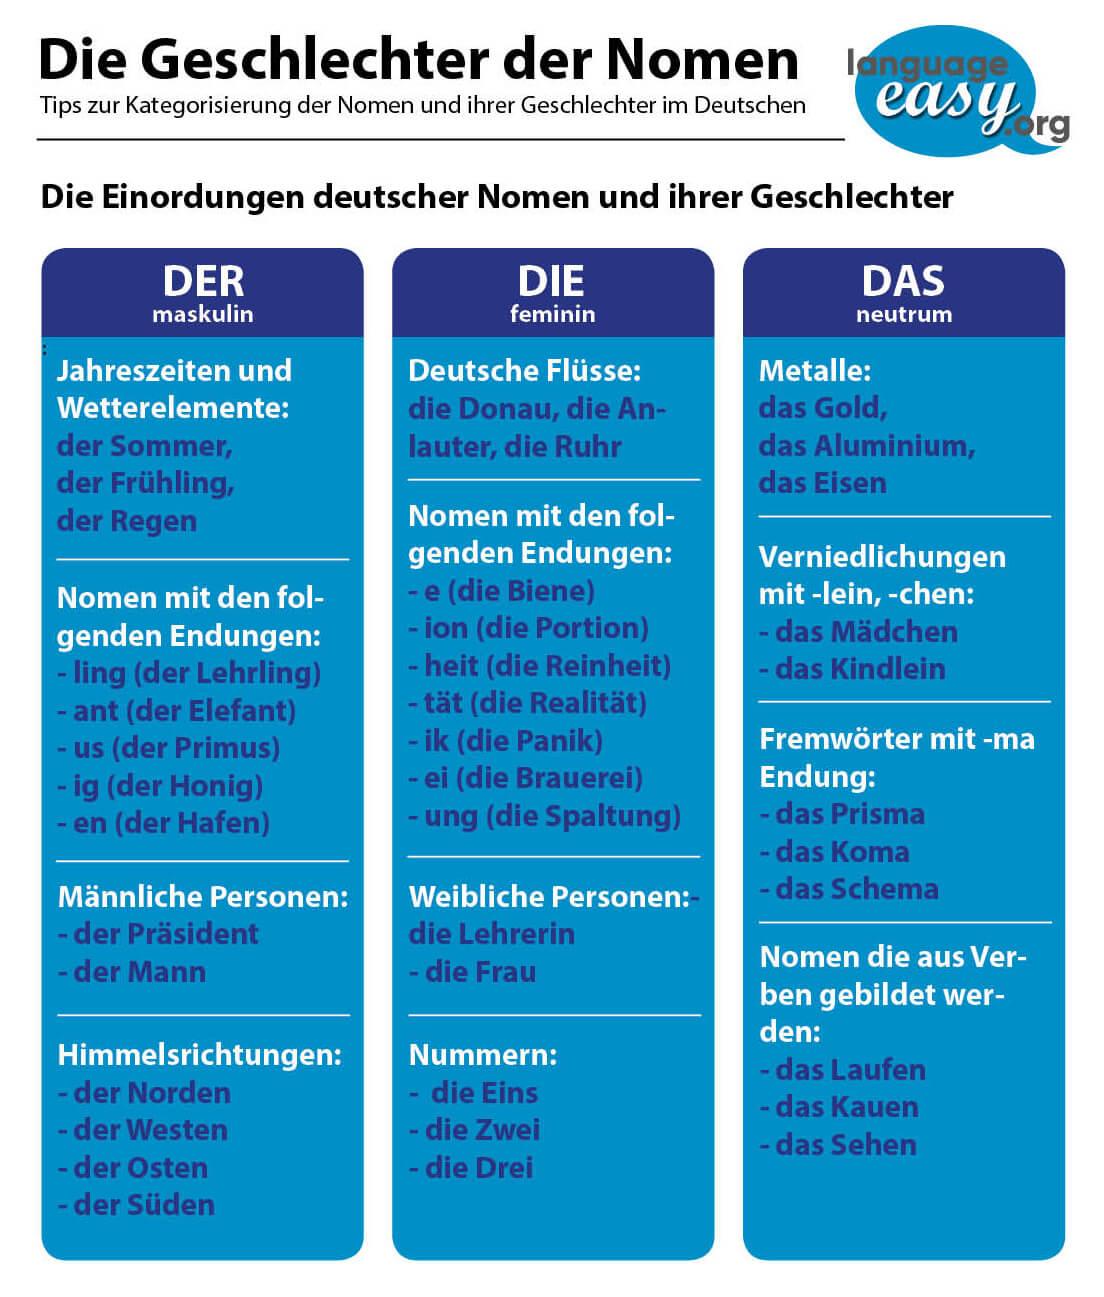 German Genders